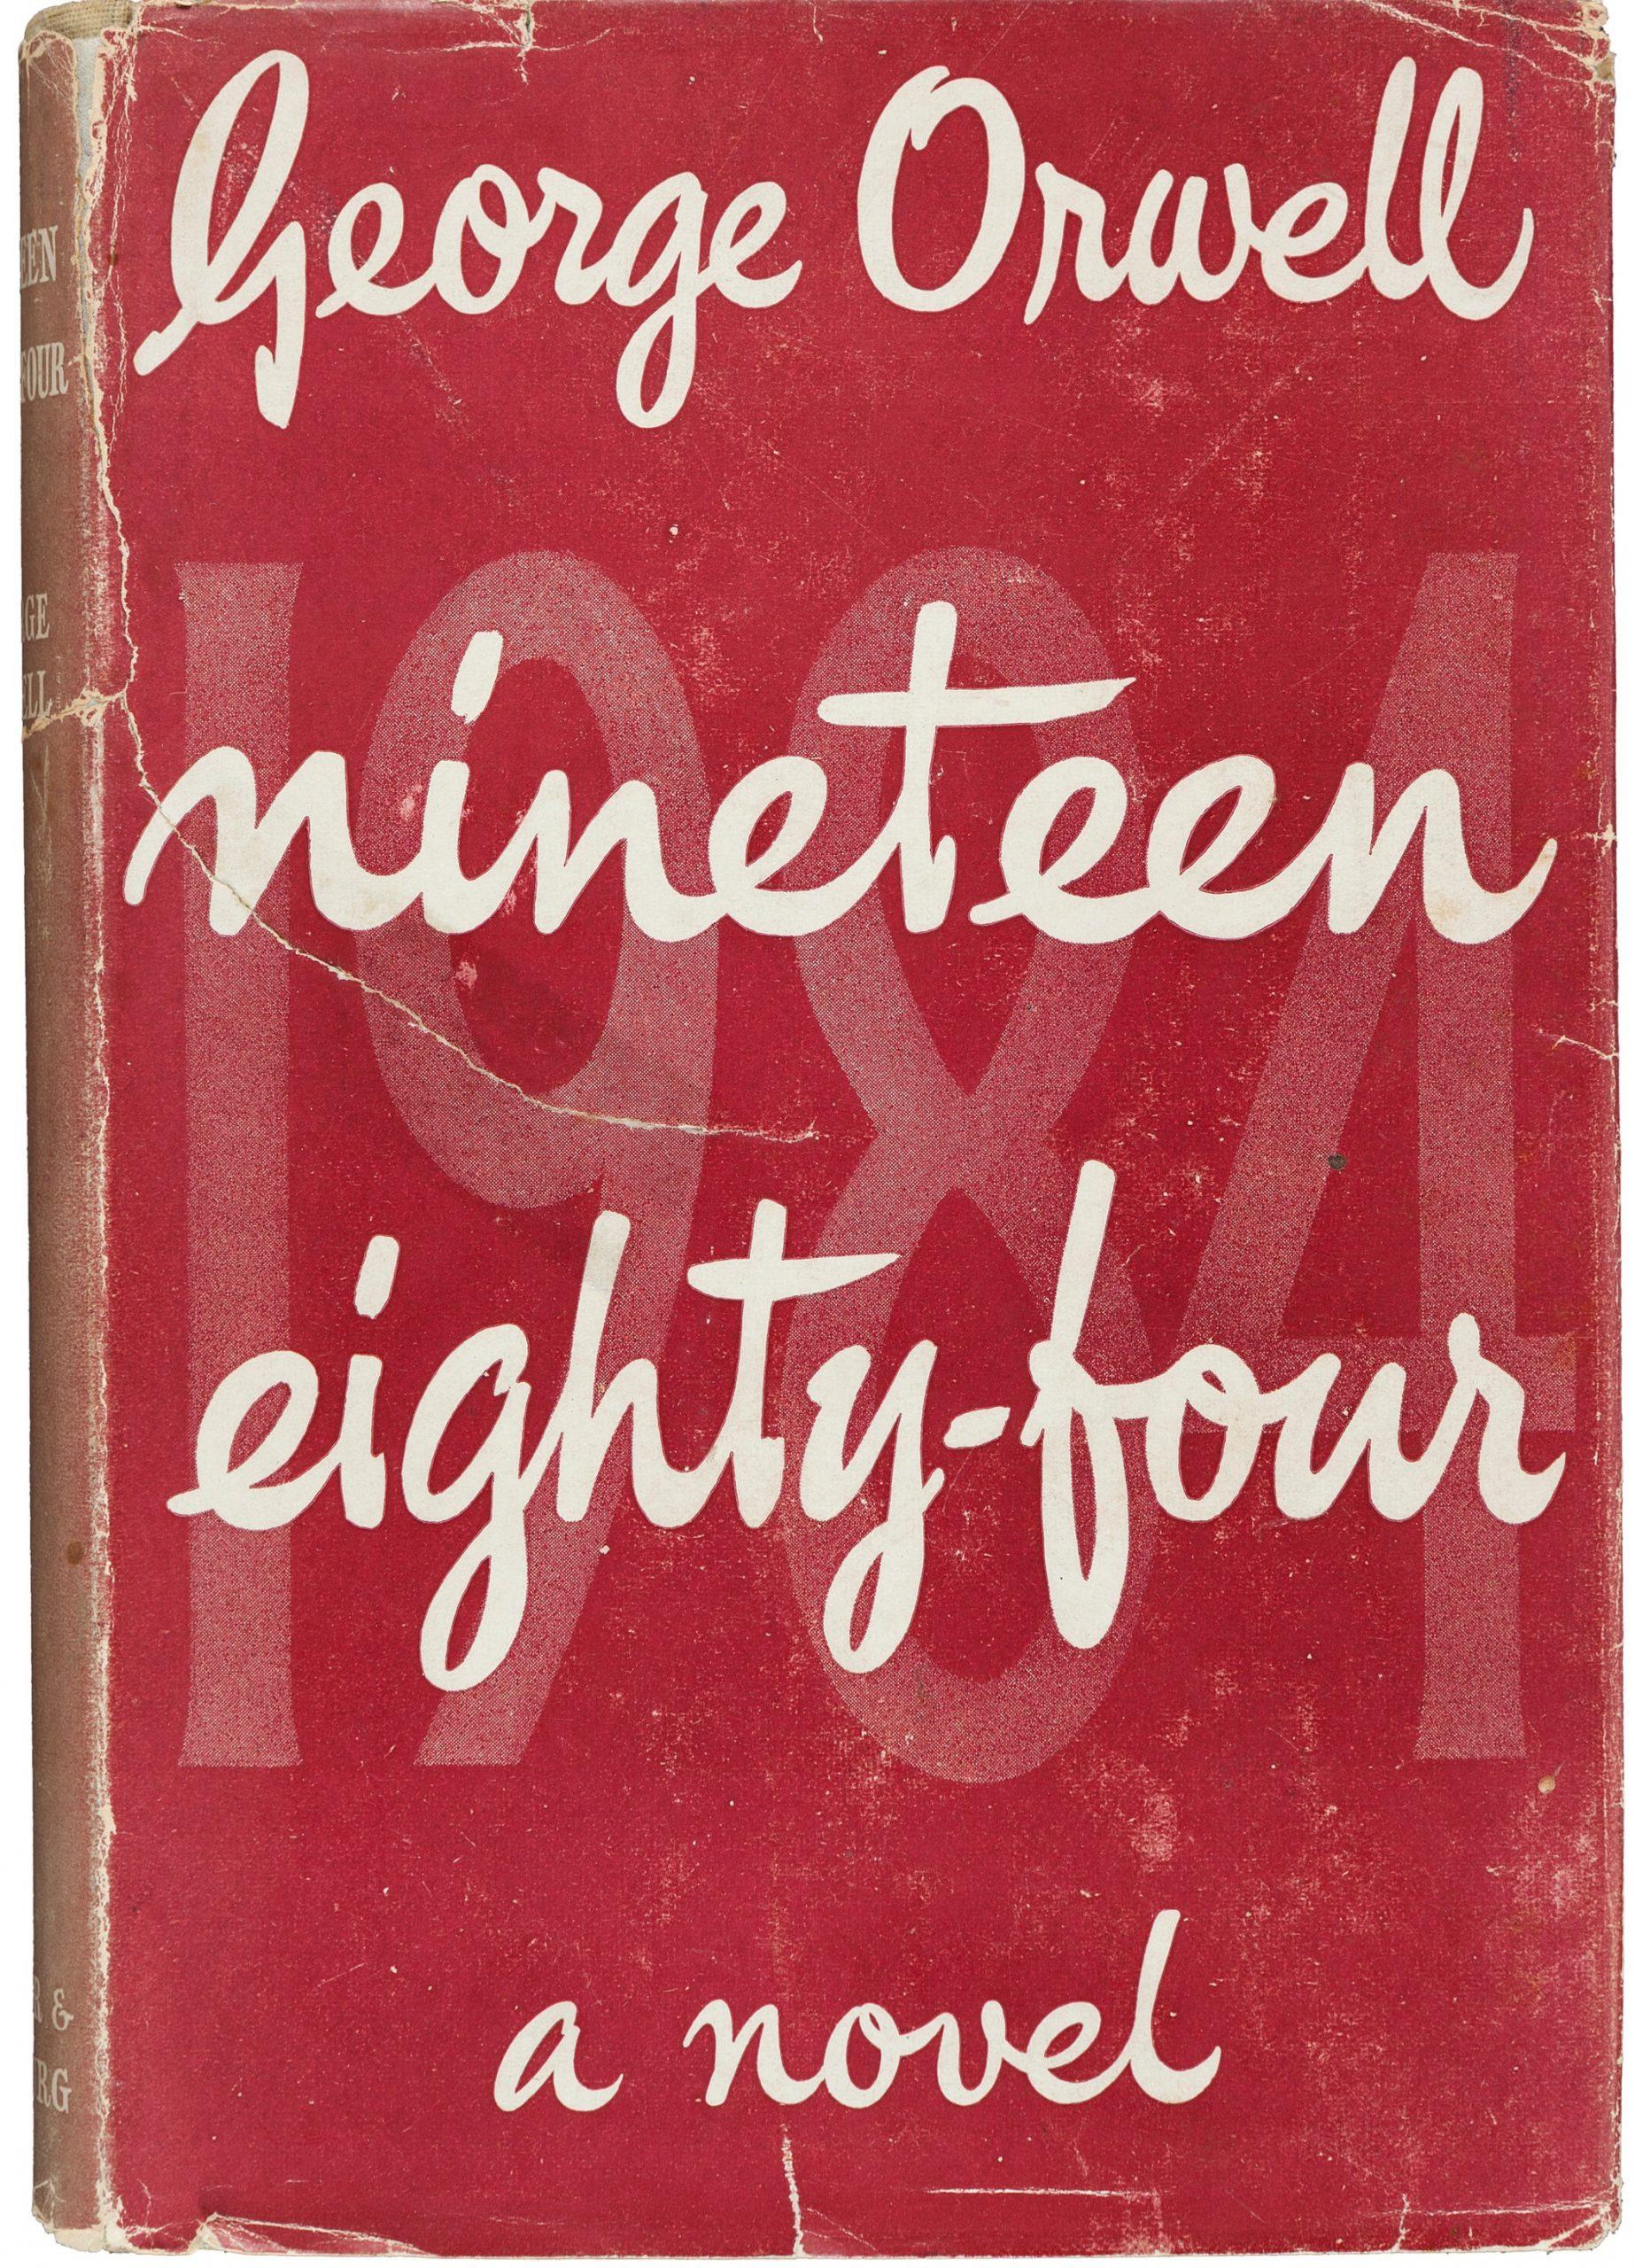 """""""1984"""" di George Orwell, tra le prime edizioni del '900 più ambite e ricercate: occhio agli """"esotismi"""""""